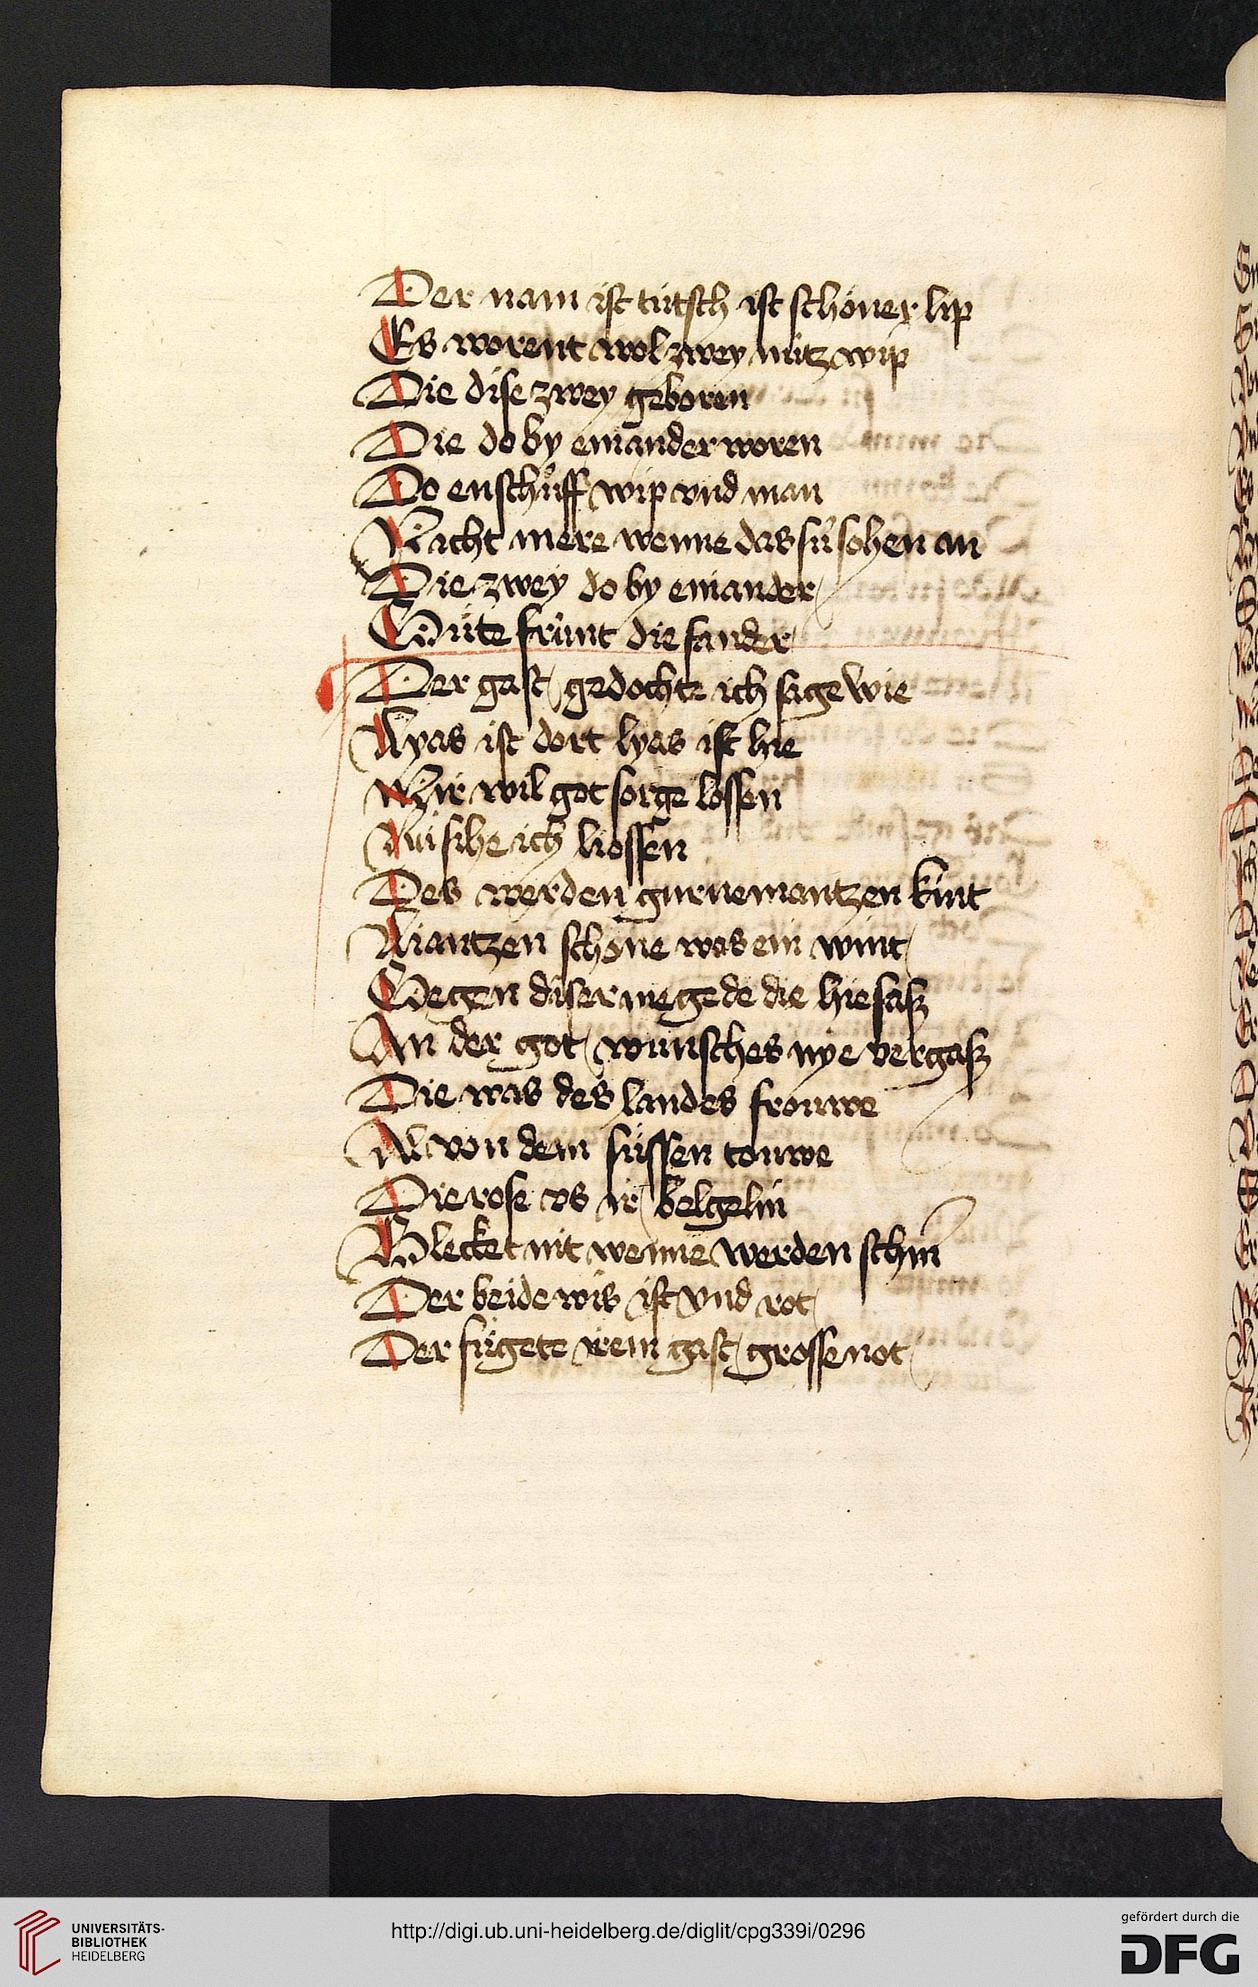 Universitätsbibliothek Heidelberg. Cod. Pal. germ. 339 Wolfram : Parzival (Band 1): Handschrift (Hagenau - Werkstatt Diebold Lauber. um 1443-1446)